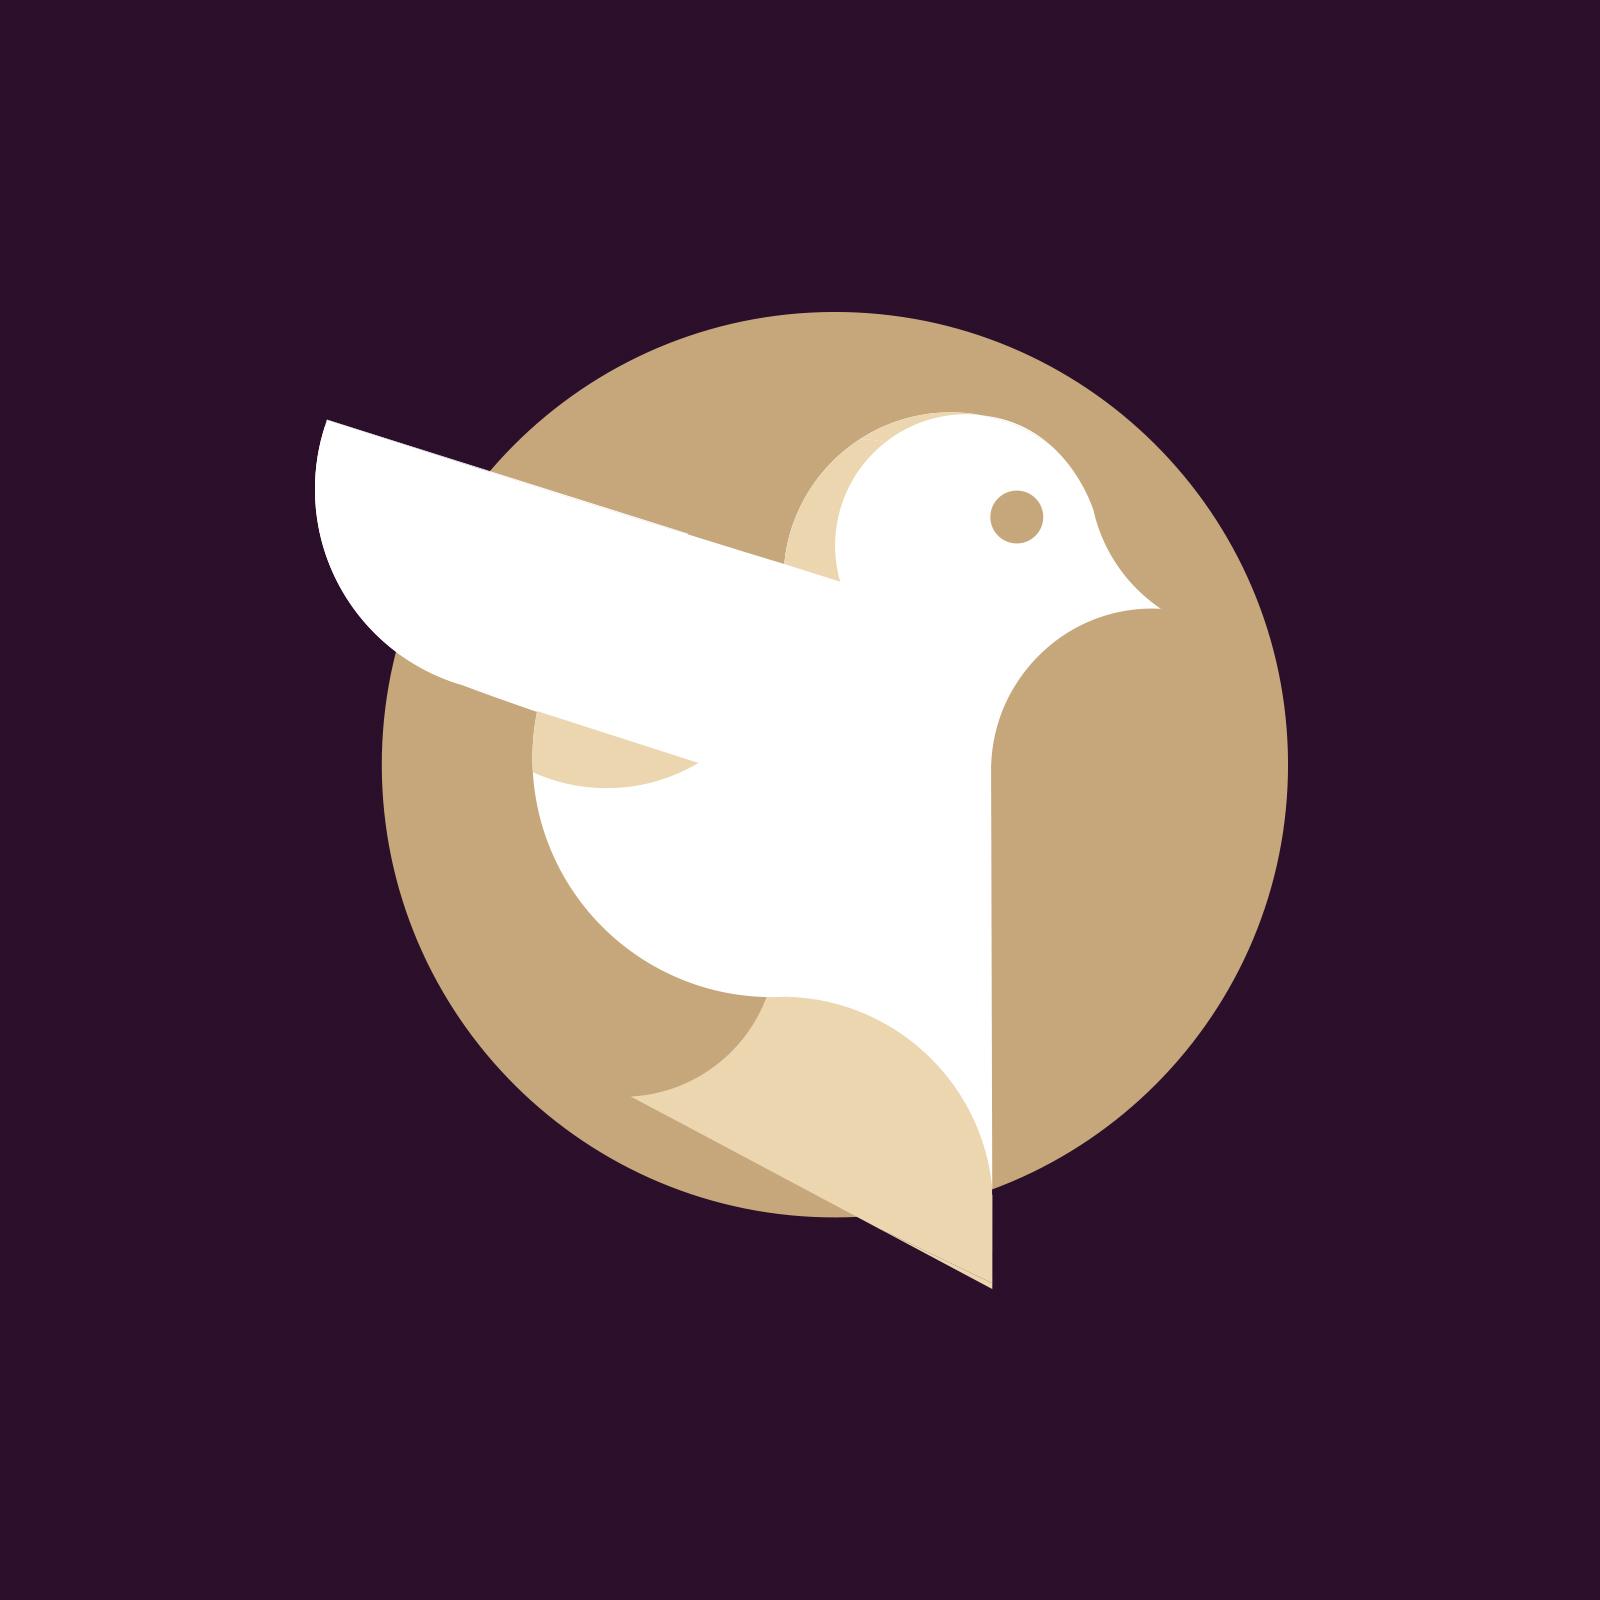 Bird icon   Self-initiated